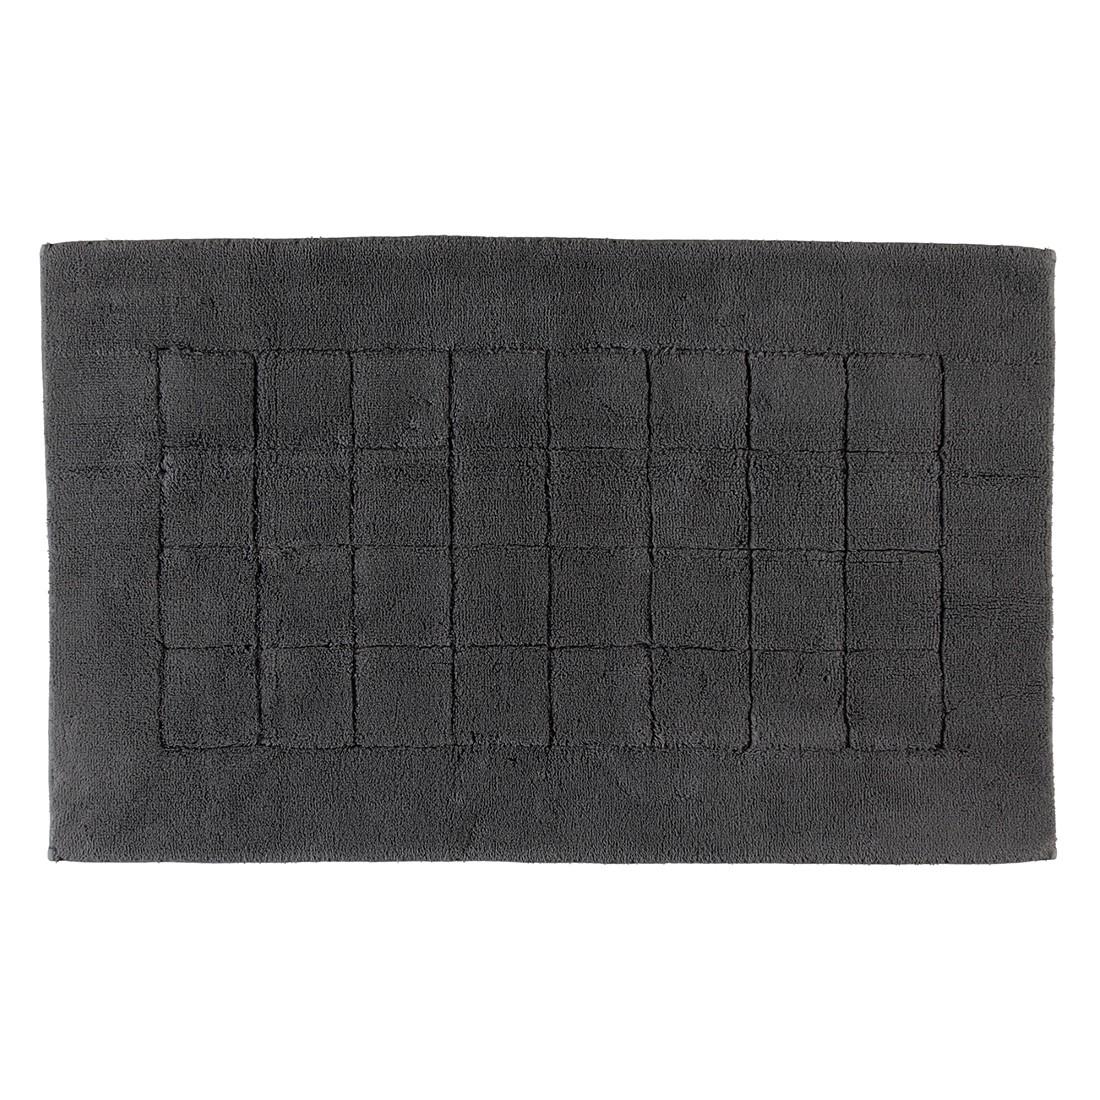 Badteppiche Vienna Sensible – Baumwolle – Slate Grey – 55×65 cm, Vossen online kaufen